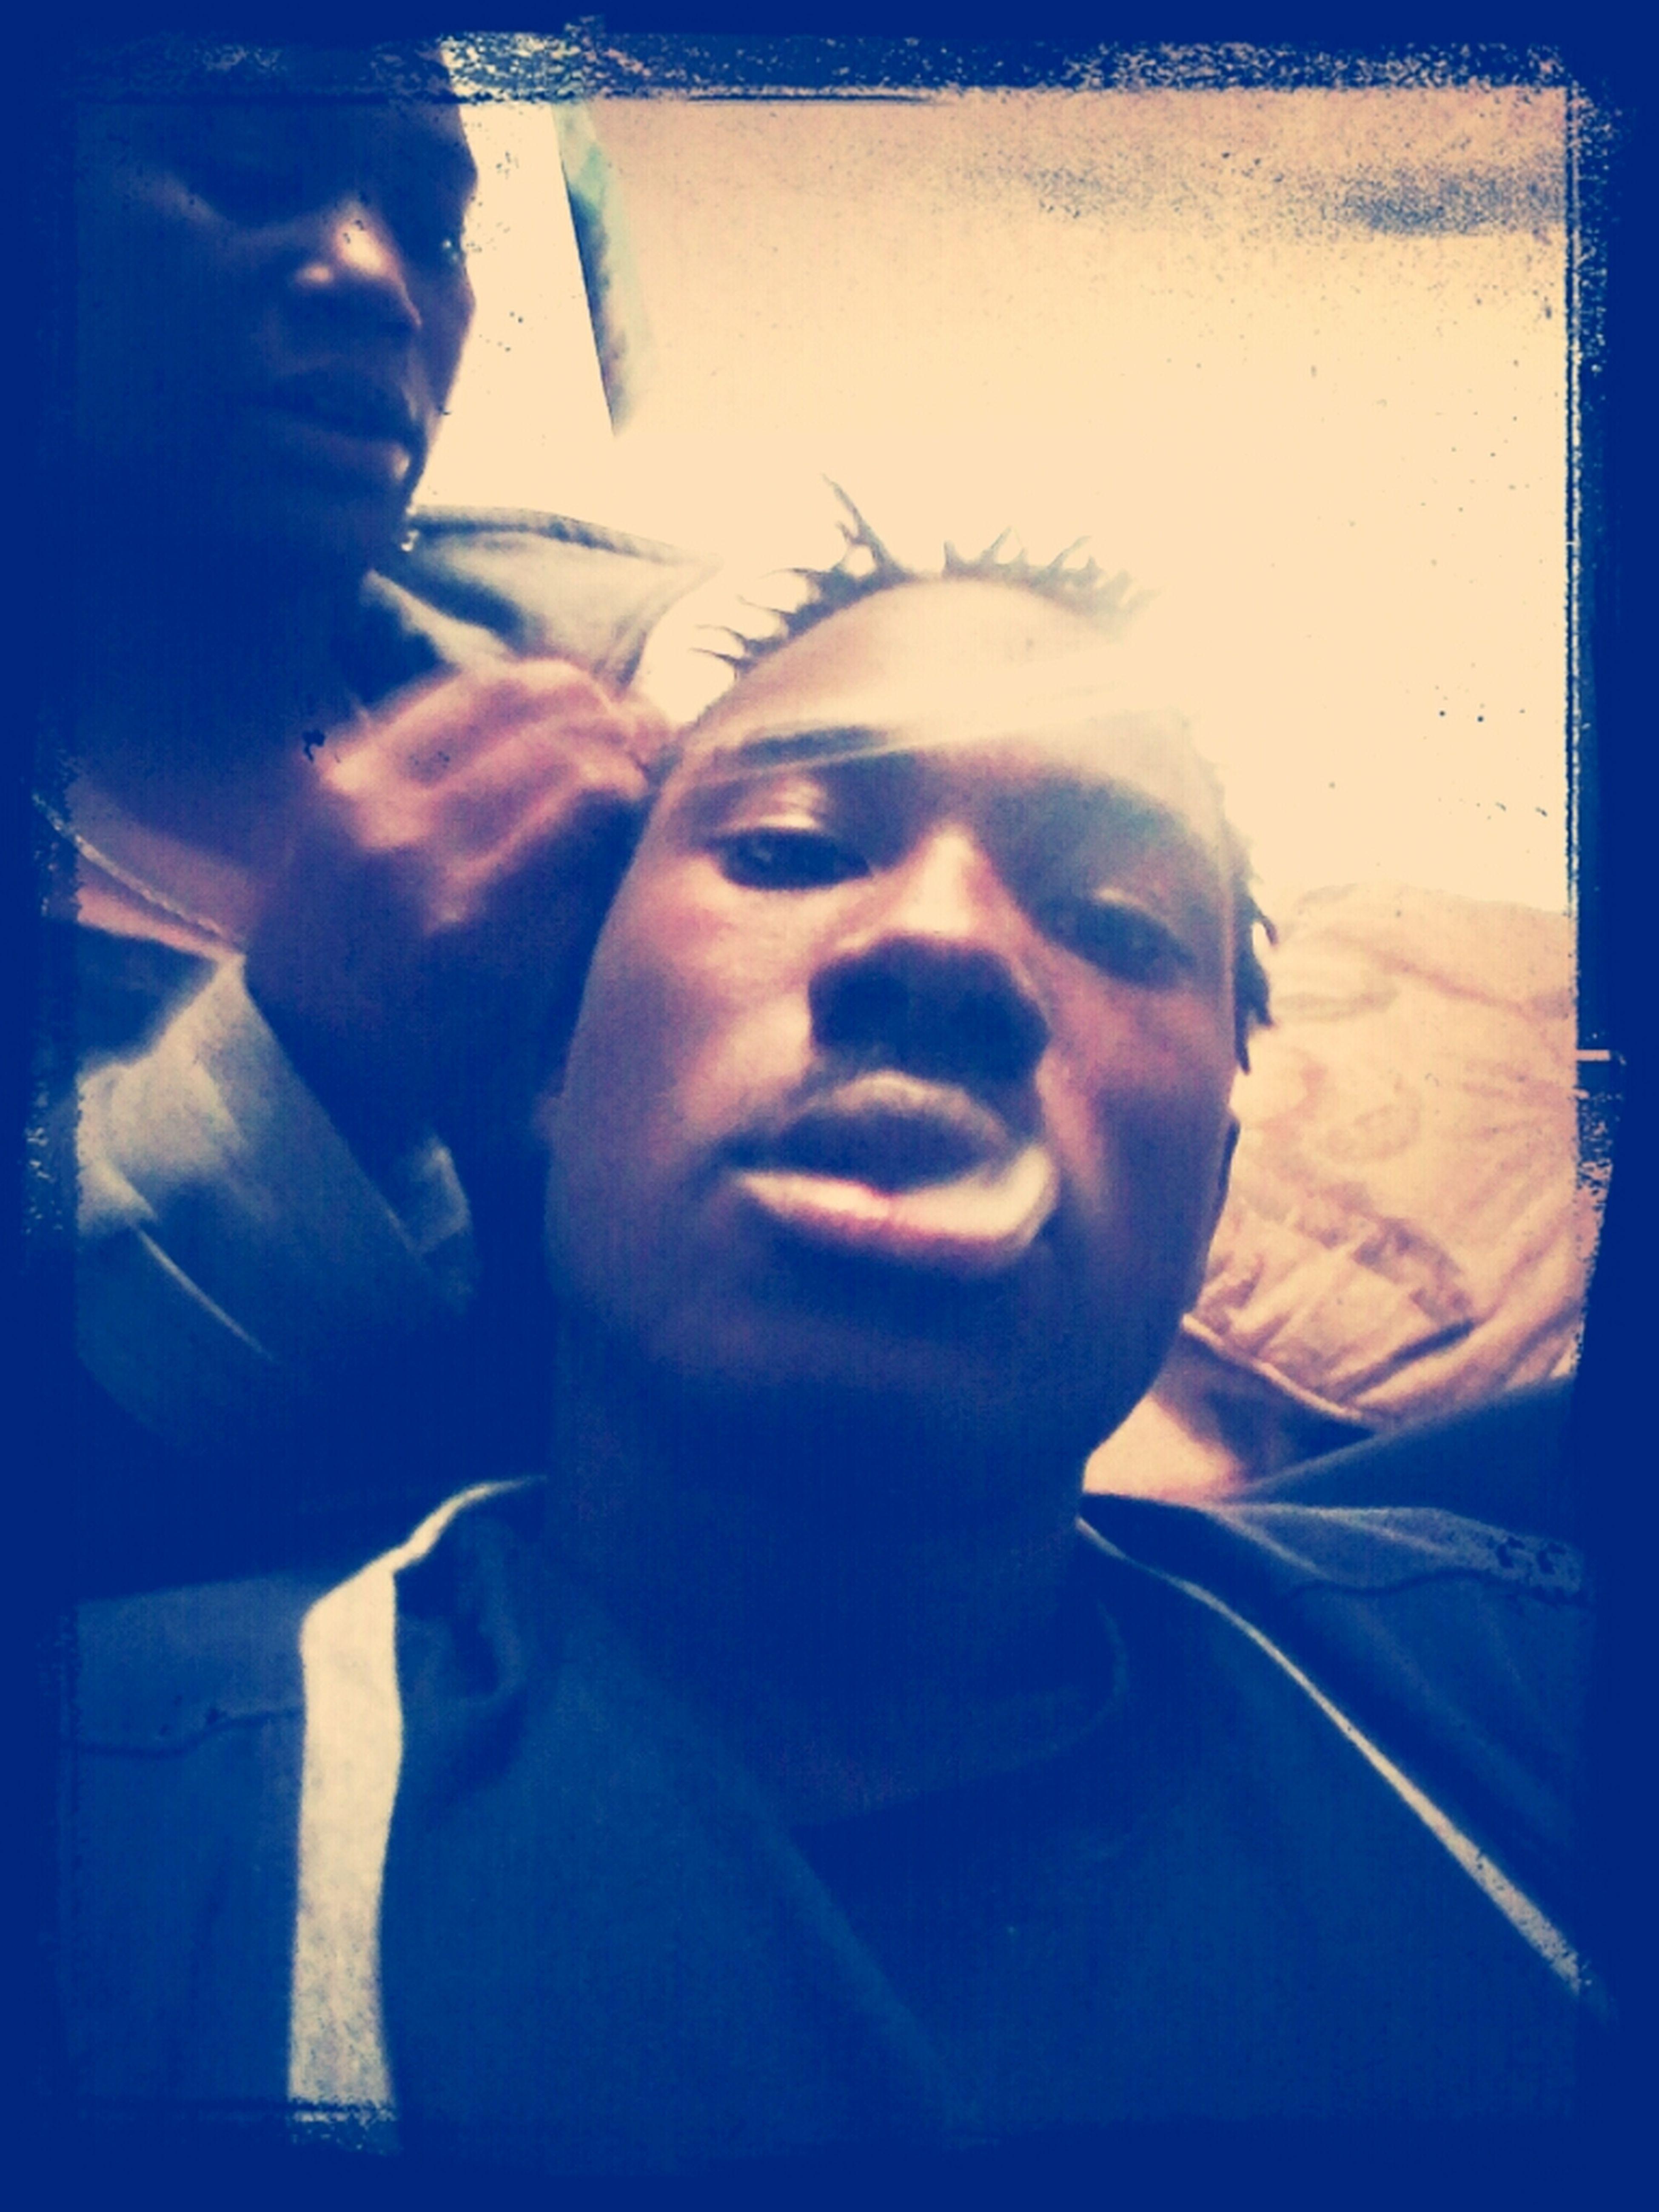 Gettin Hair Braided